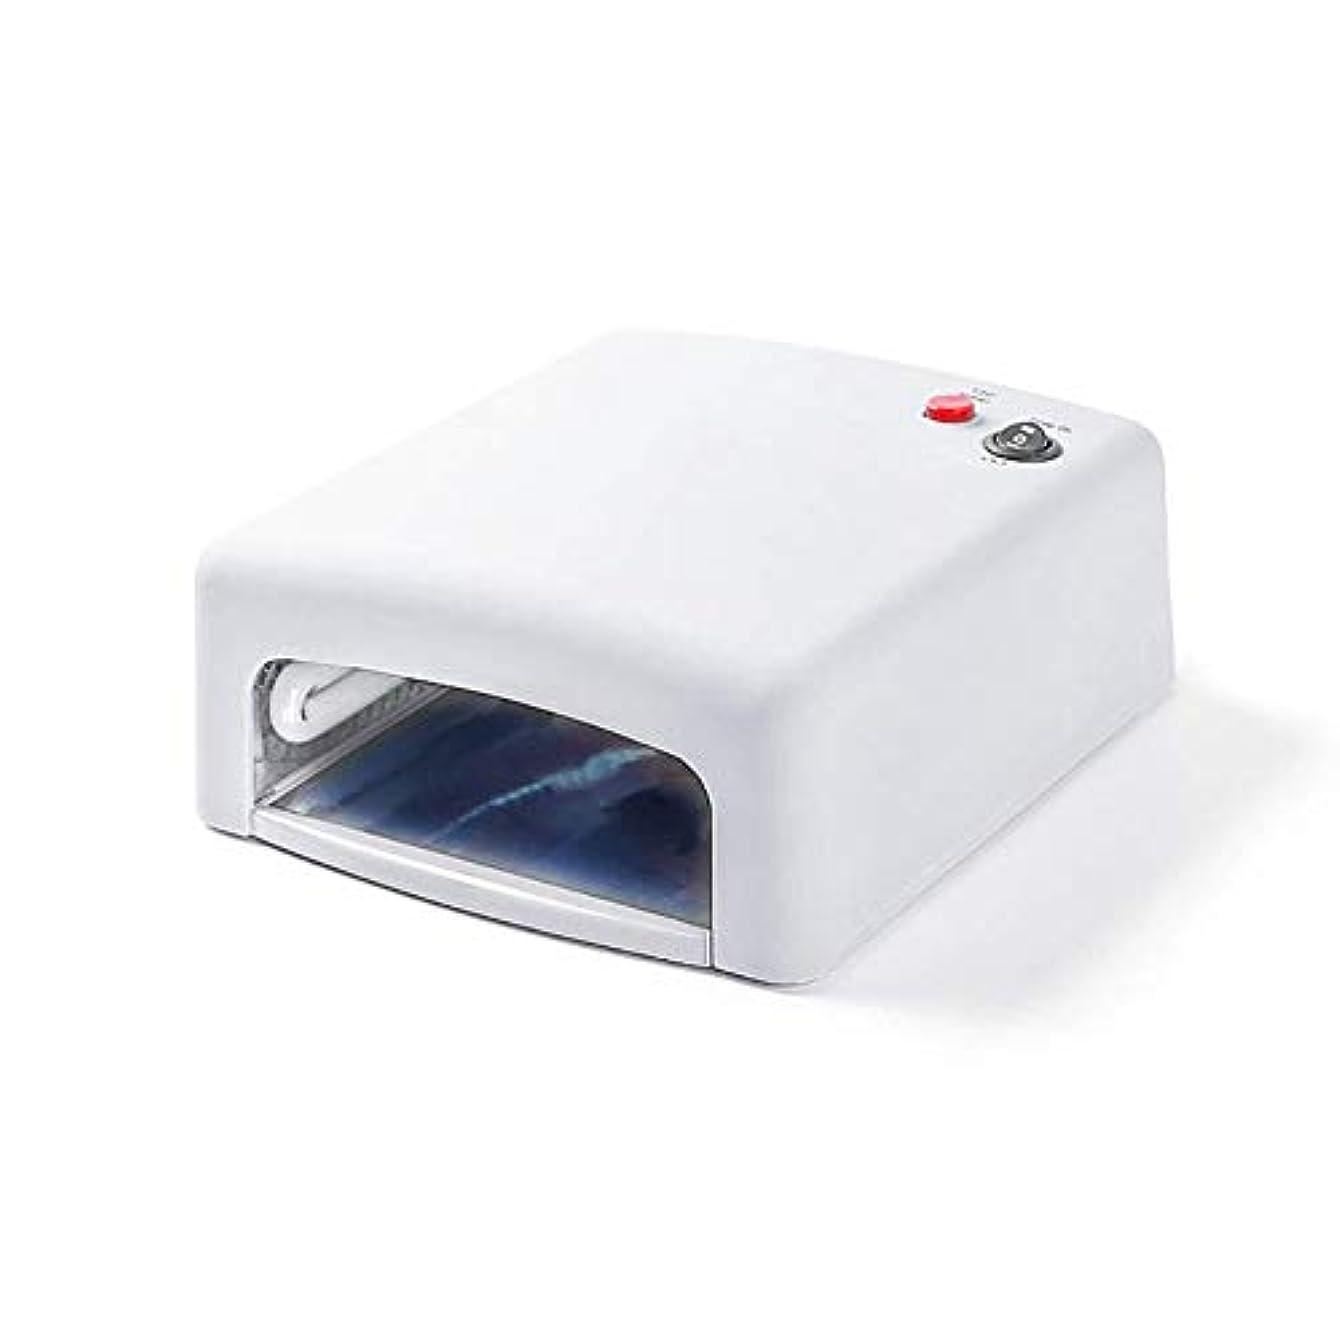 どきどき水銀のパトワネイルランプネイル光線療法ランプ36ワットUVランプタイミングをとることができますネイルランプクイック乾燥(ホワイトピンク)、ピンク (Color : White)